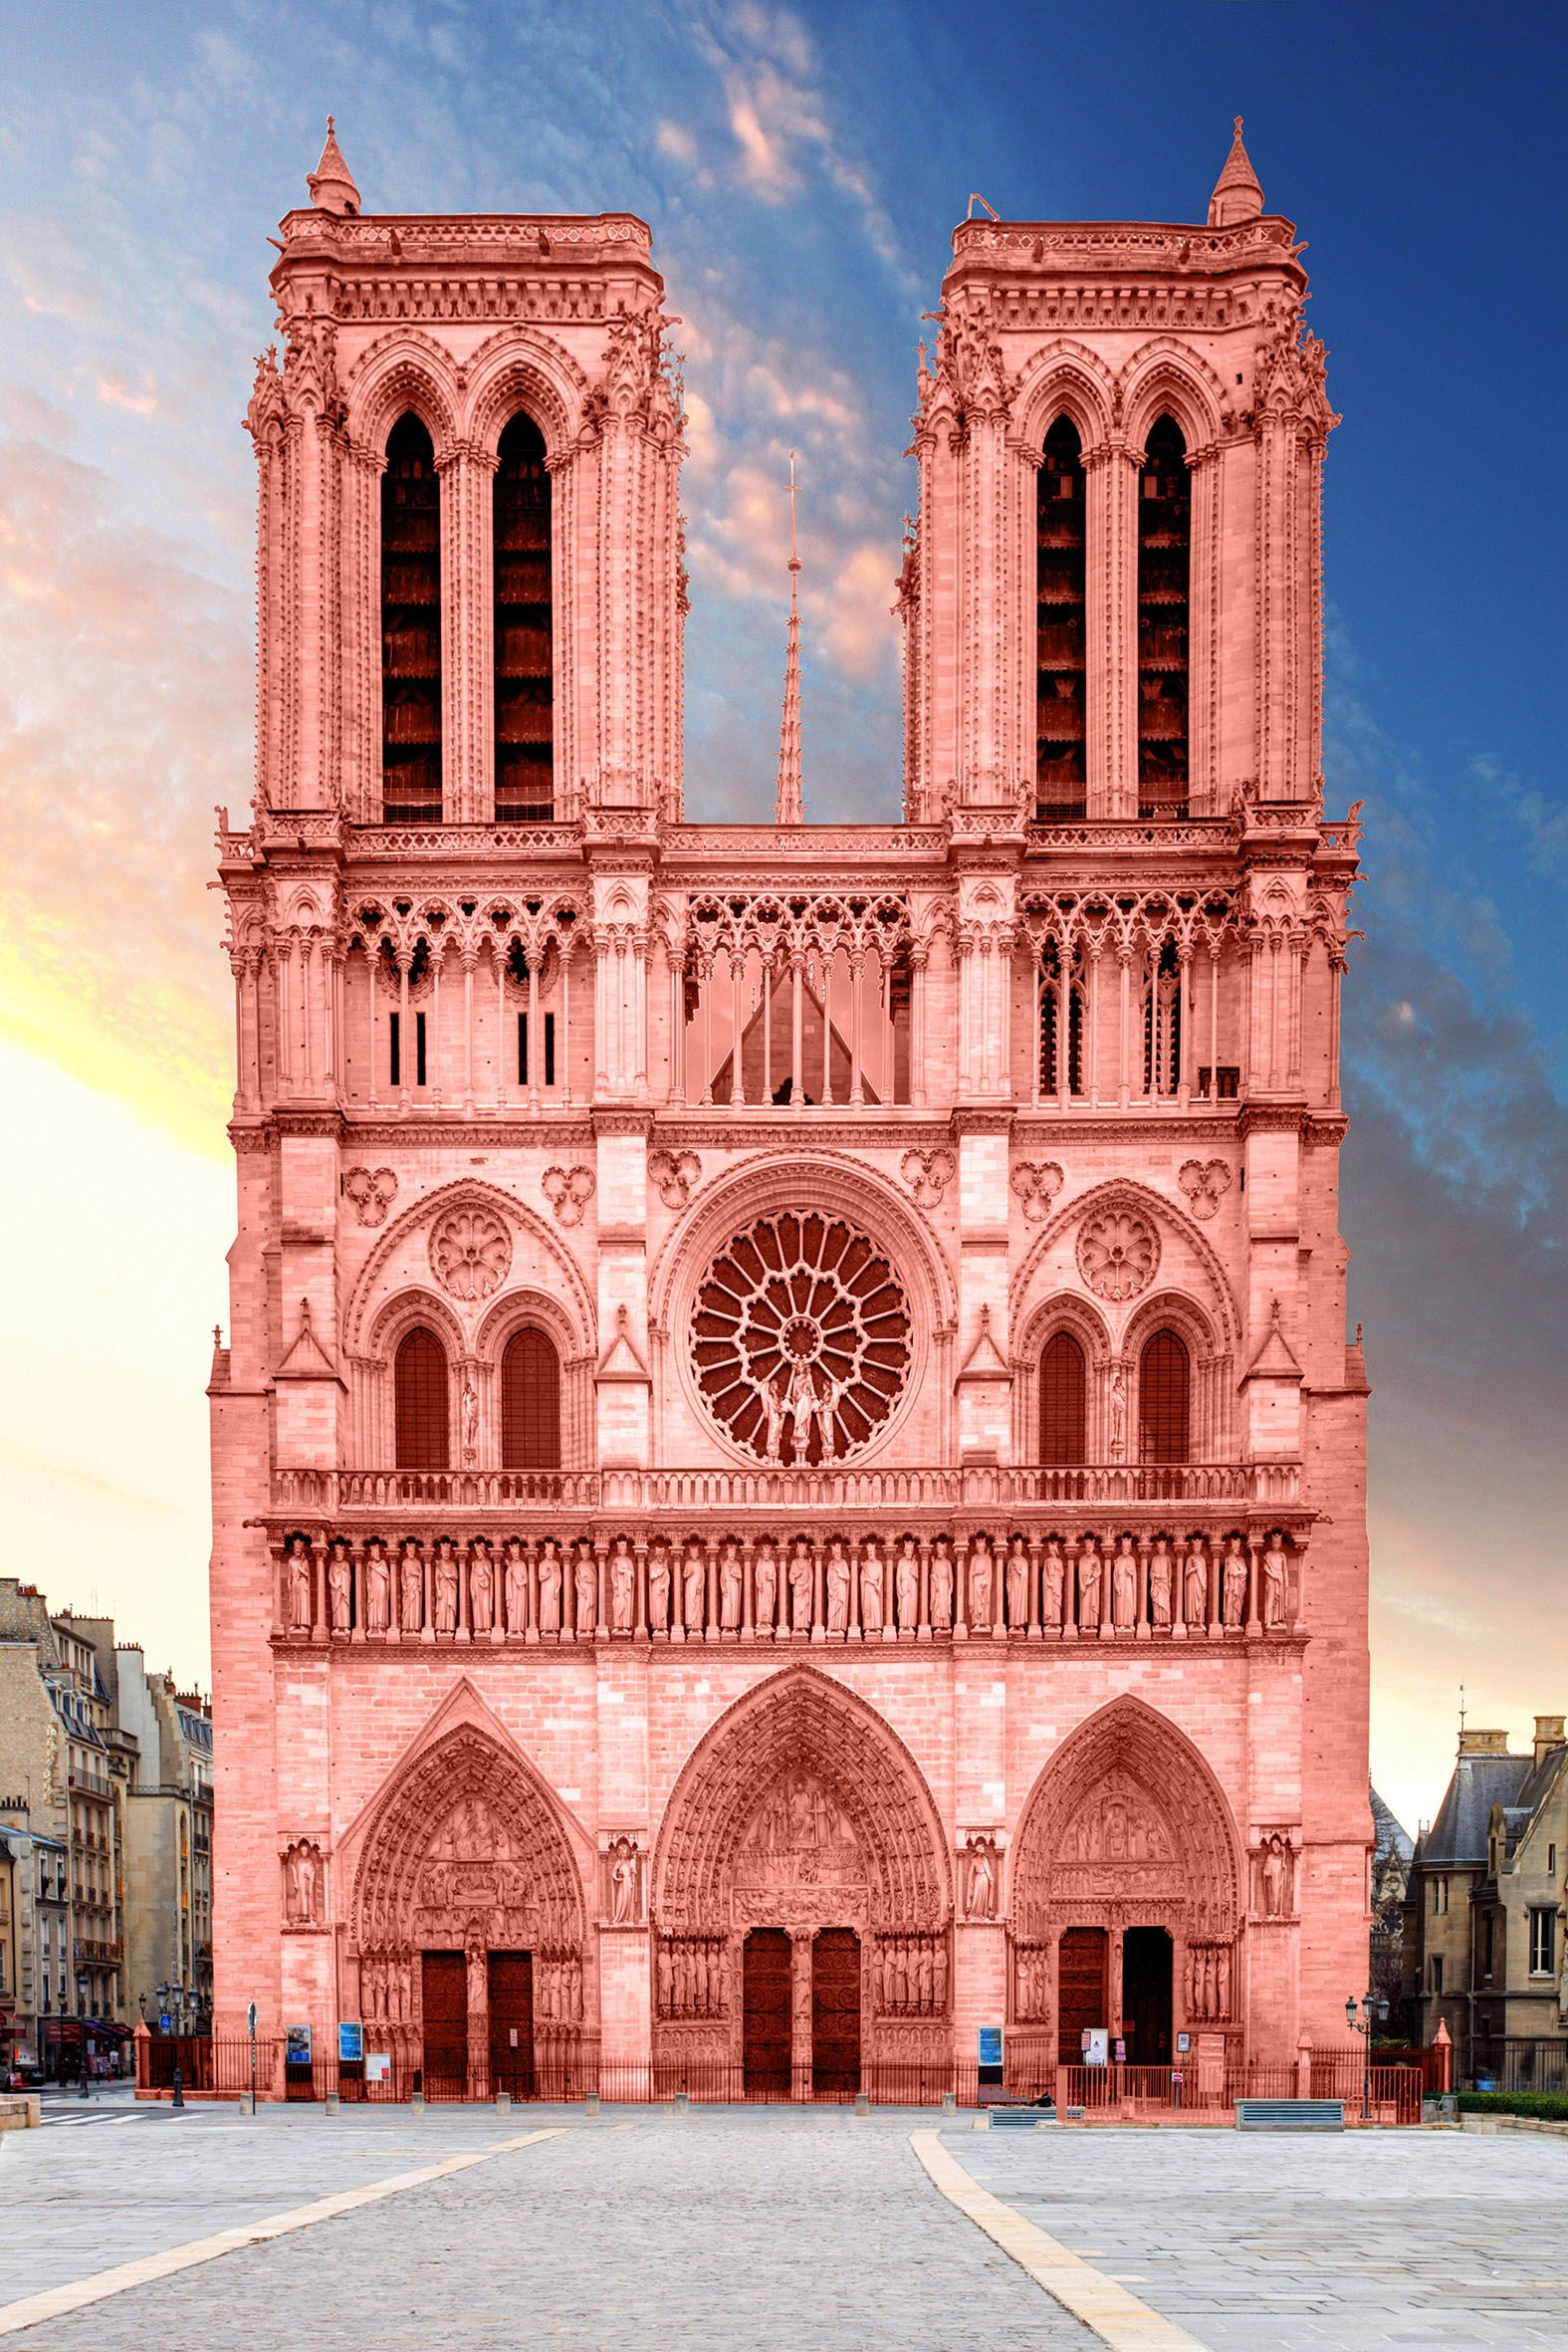 Fotografia Catedrales de color